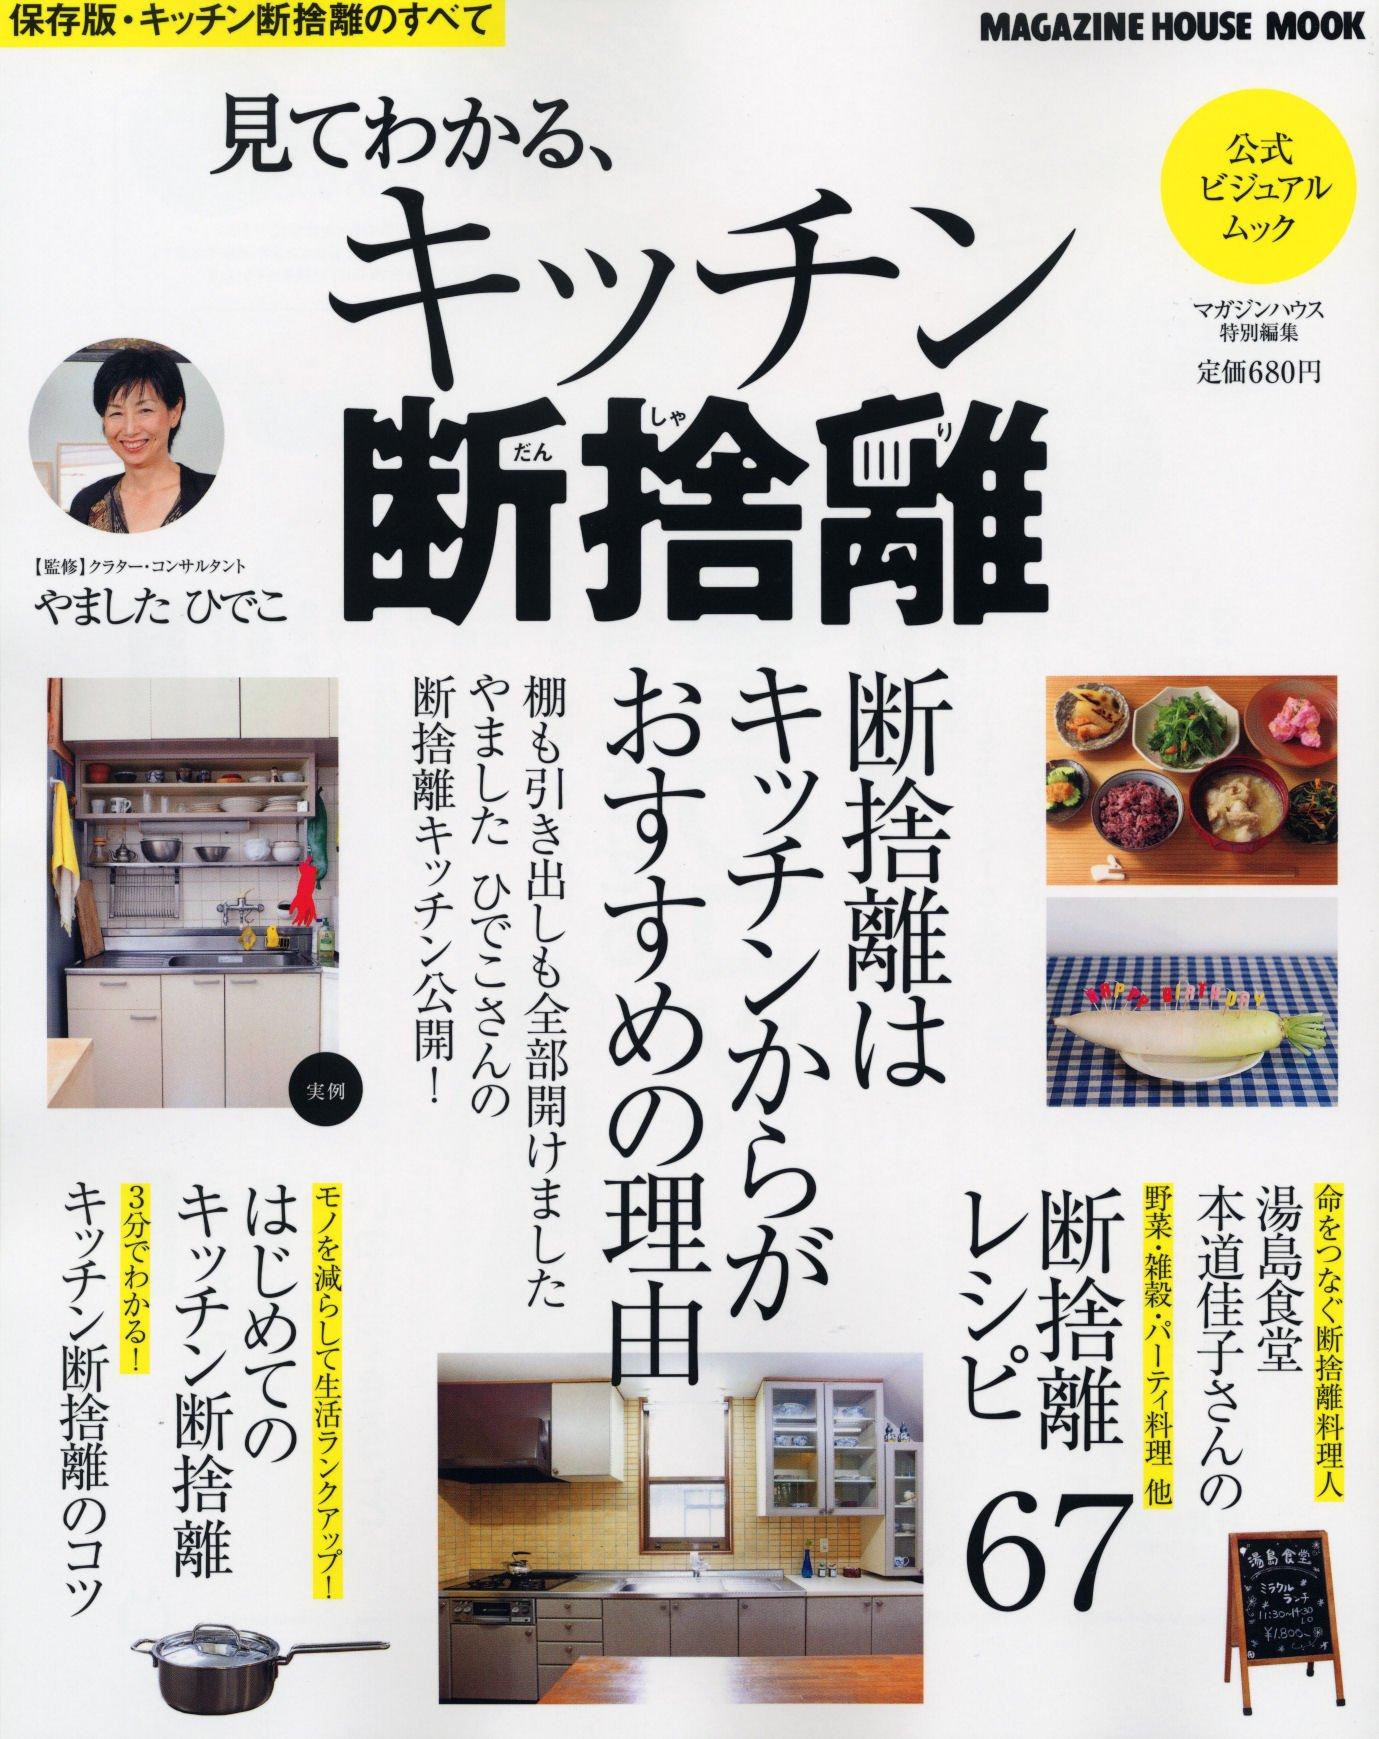 Mite wakaru kitchin danshari : kōshiki bijuaru mukku ebook